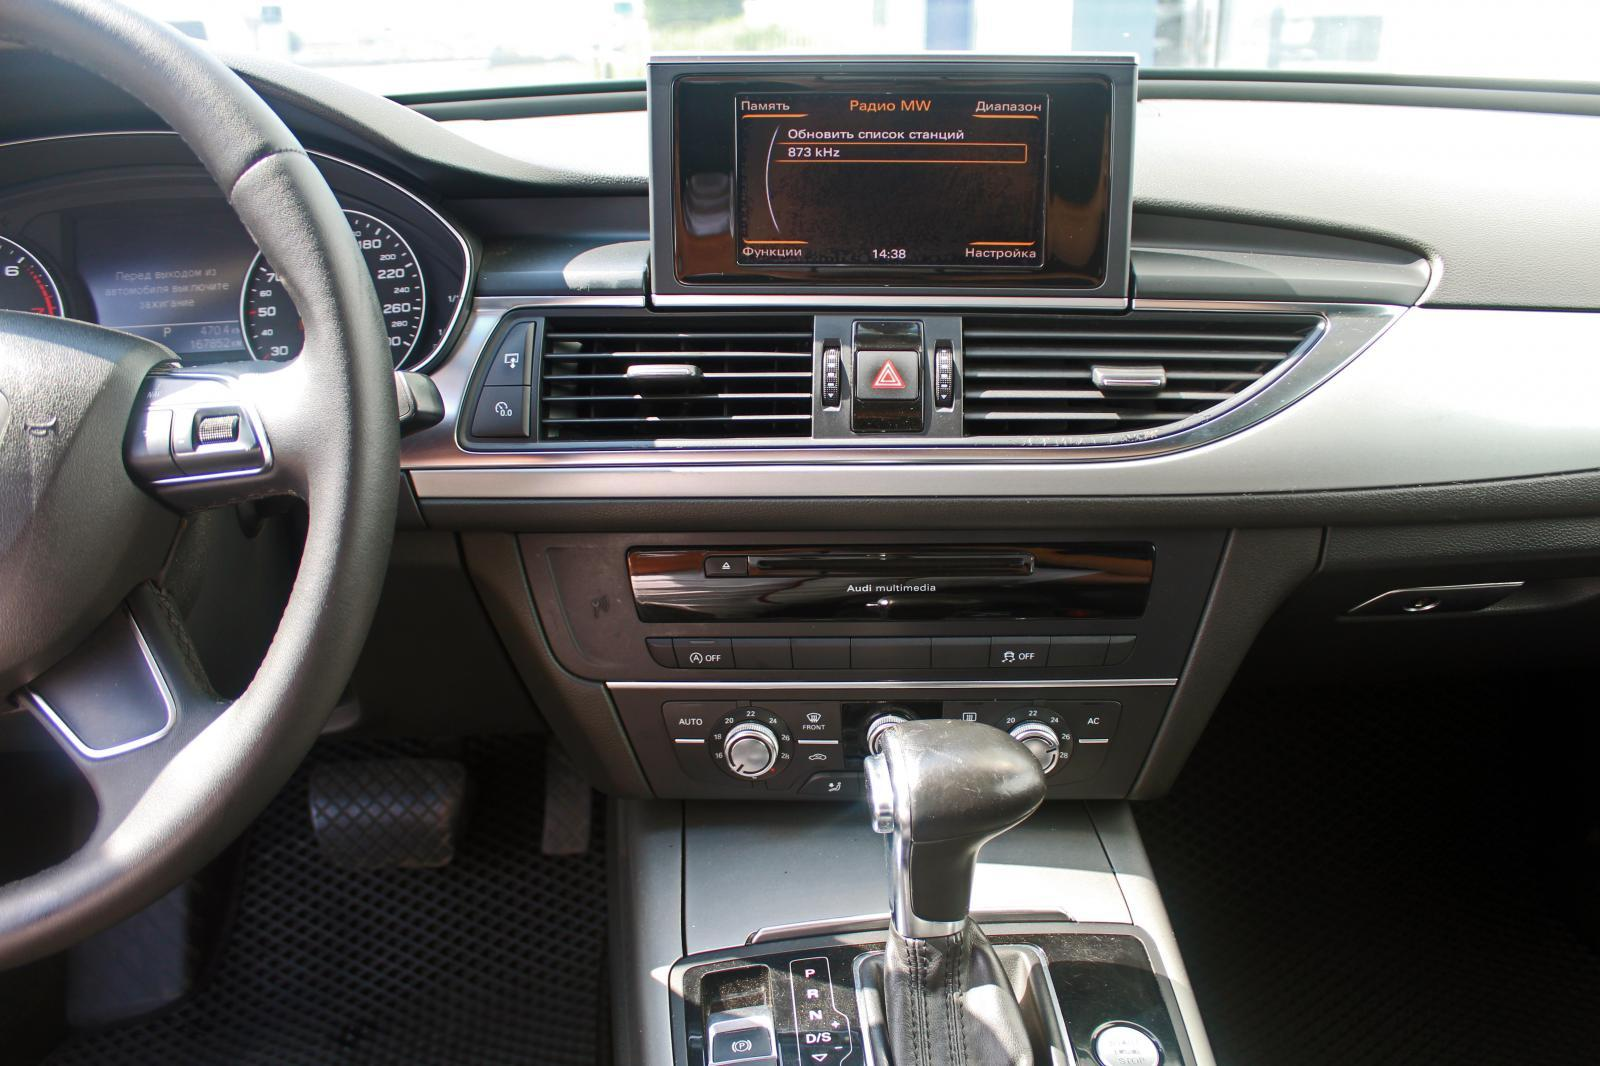 Audi A6, IV (C7) 2012г.